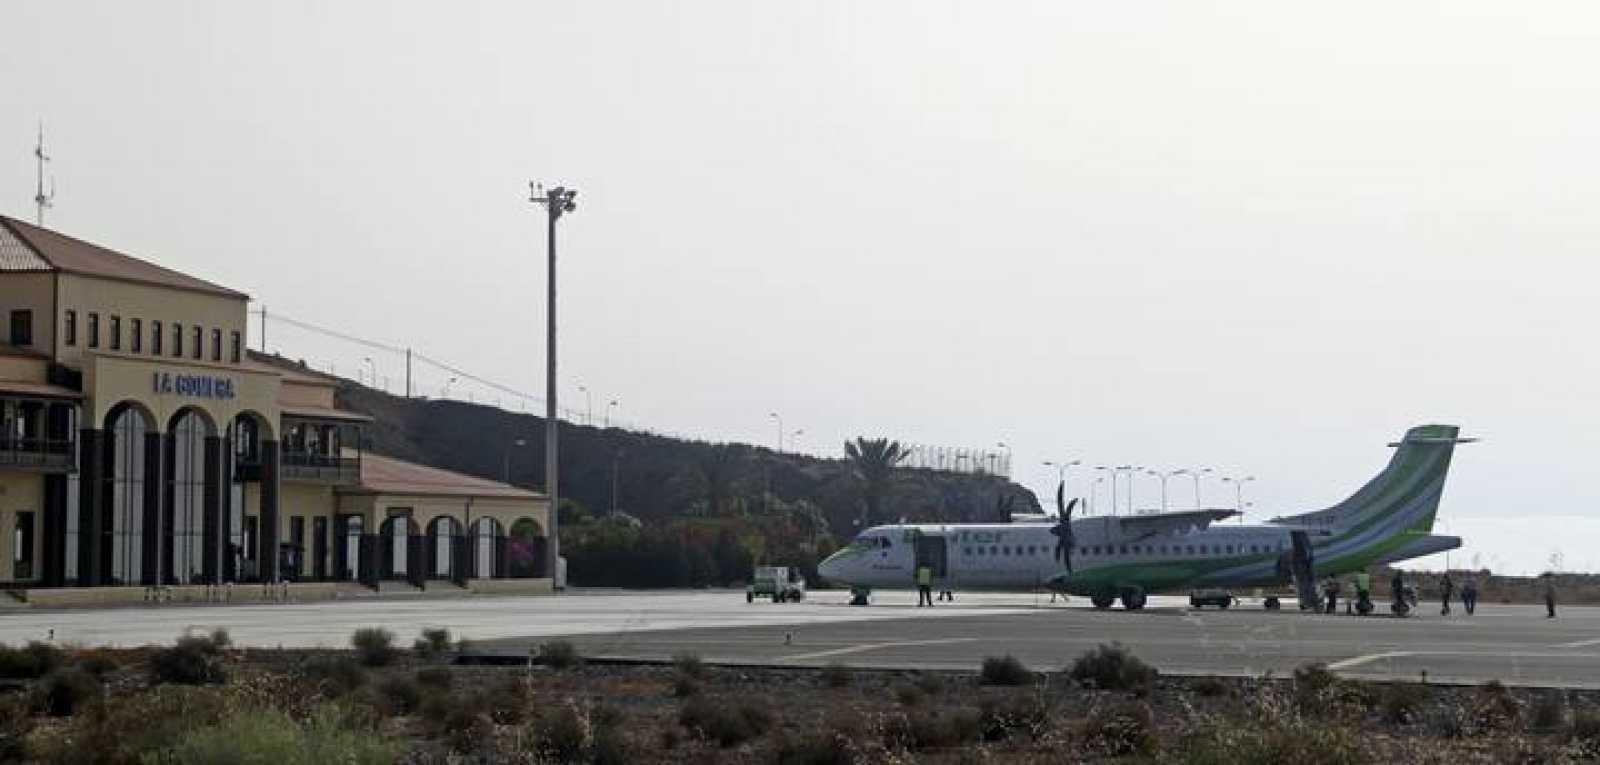 """Las aerolíneas califican de """"catastrófica"""" una huelga de controladores de varios días"""